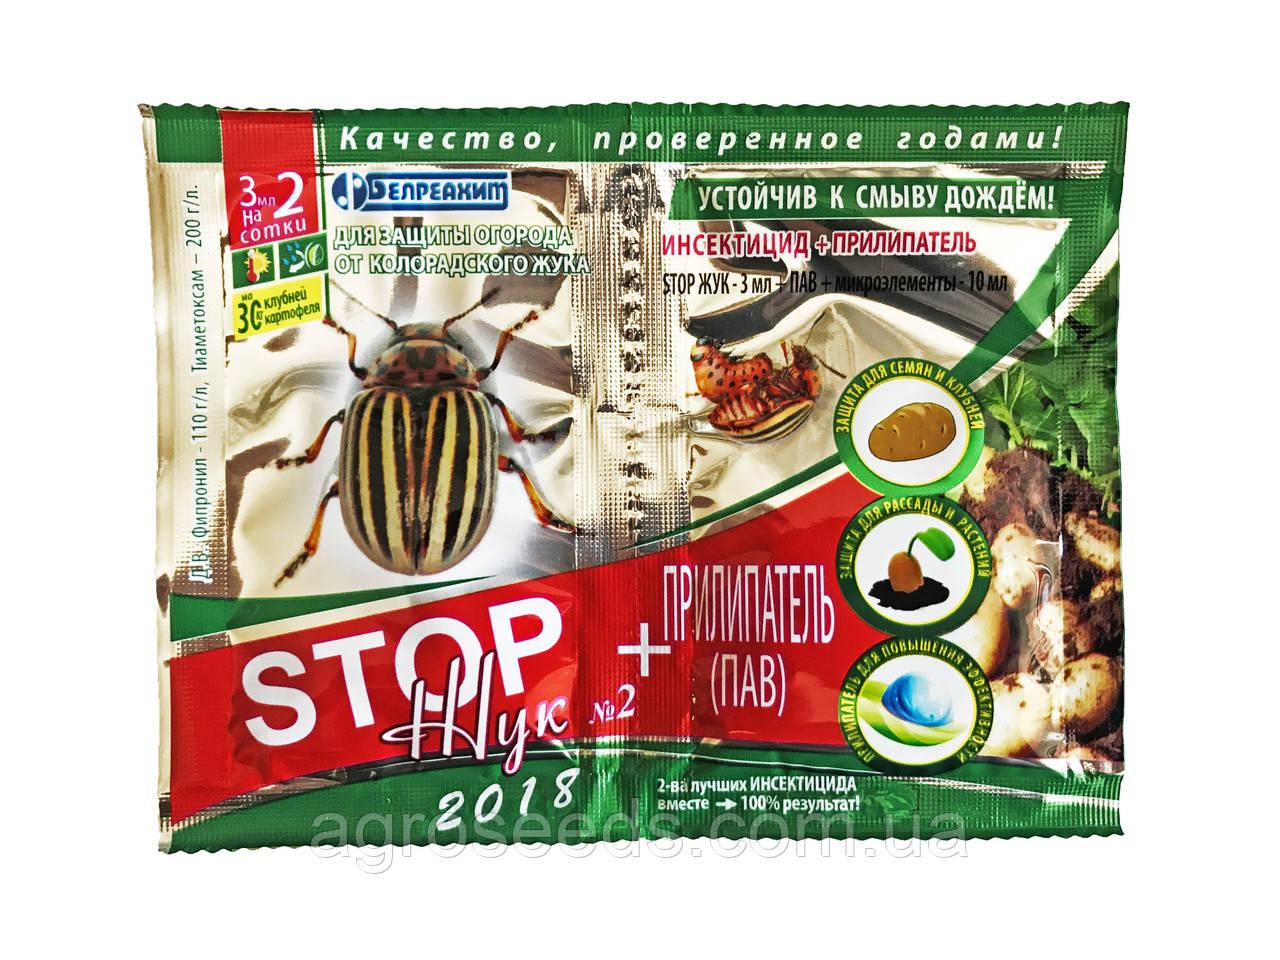 Инсектицид Стоп жук (STOP-Жук) + Прилипатель 3 + 10мл (дешевый)